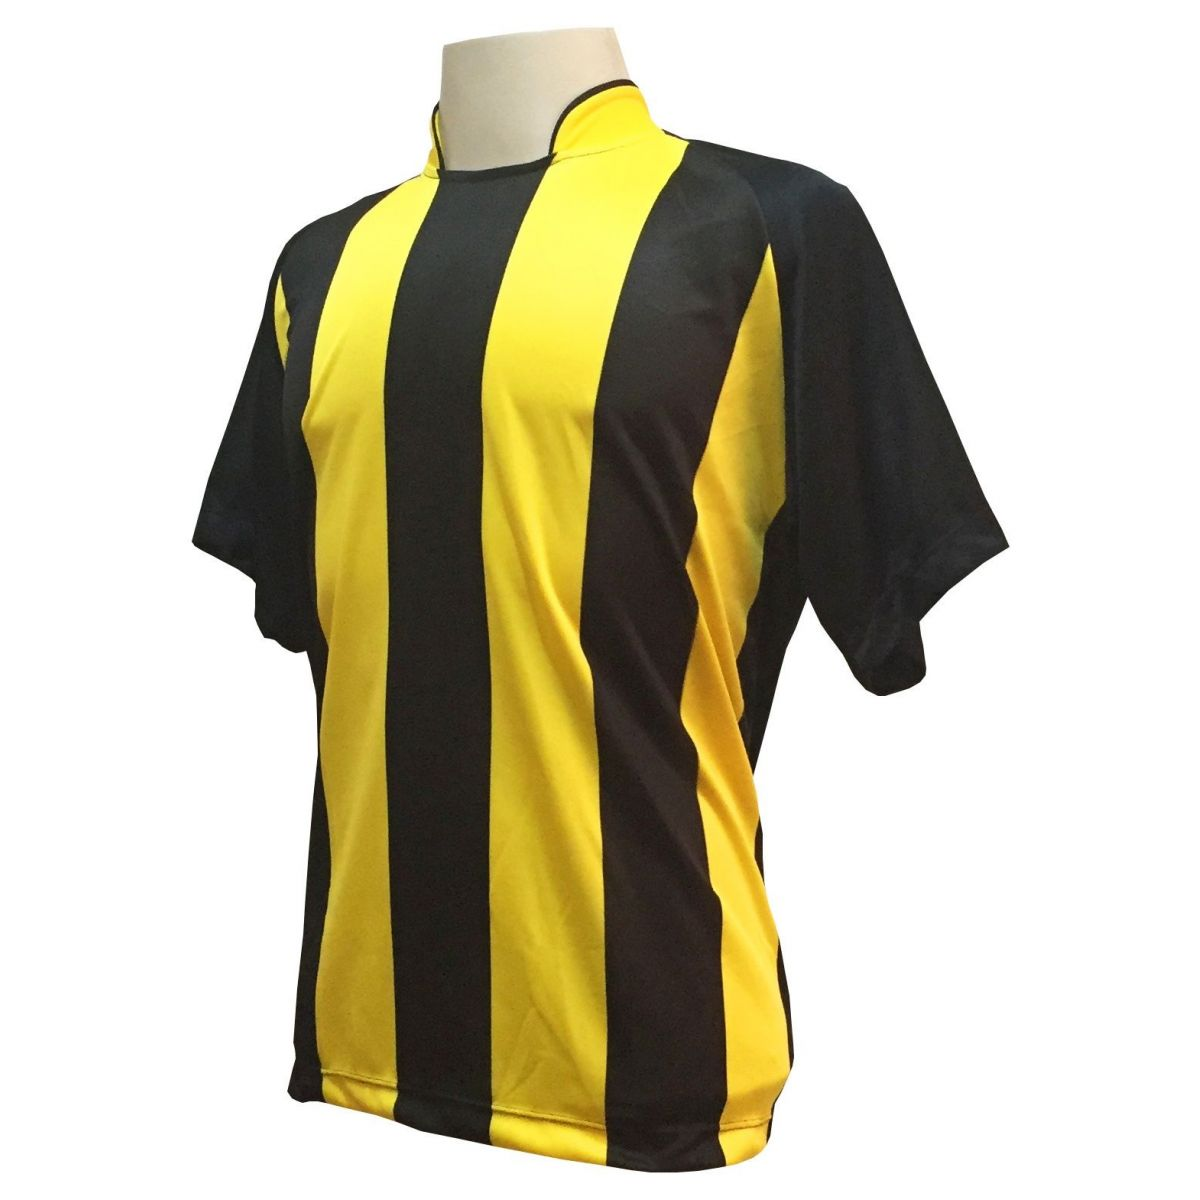 Fardamento Completo modelo Milan 20+2 (20 camisas Preto/Amarelo + 20 calções modelo Madrid Preto + 20 pares de meiões Amarelo + 2 conjuntos de goleiro) + Brindes